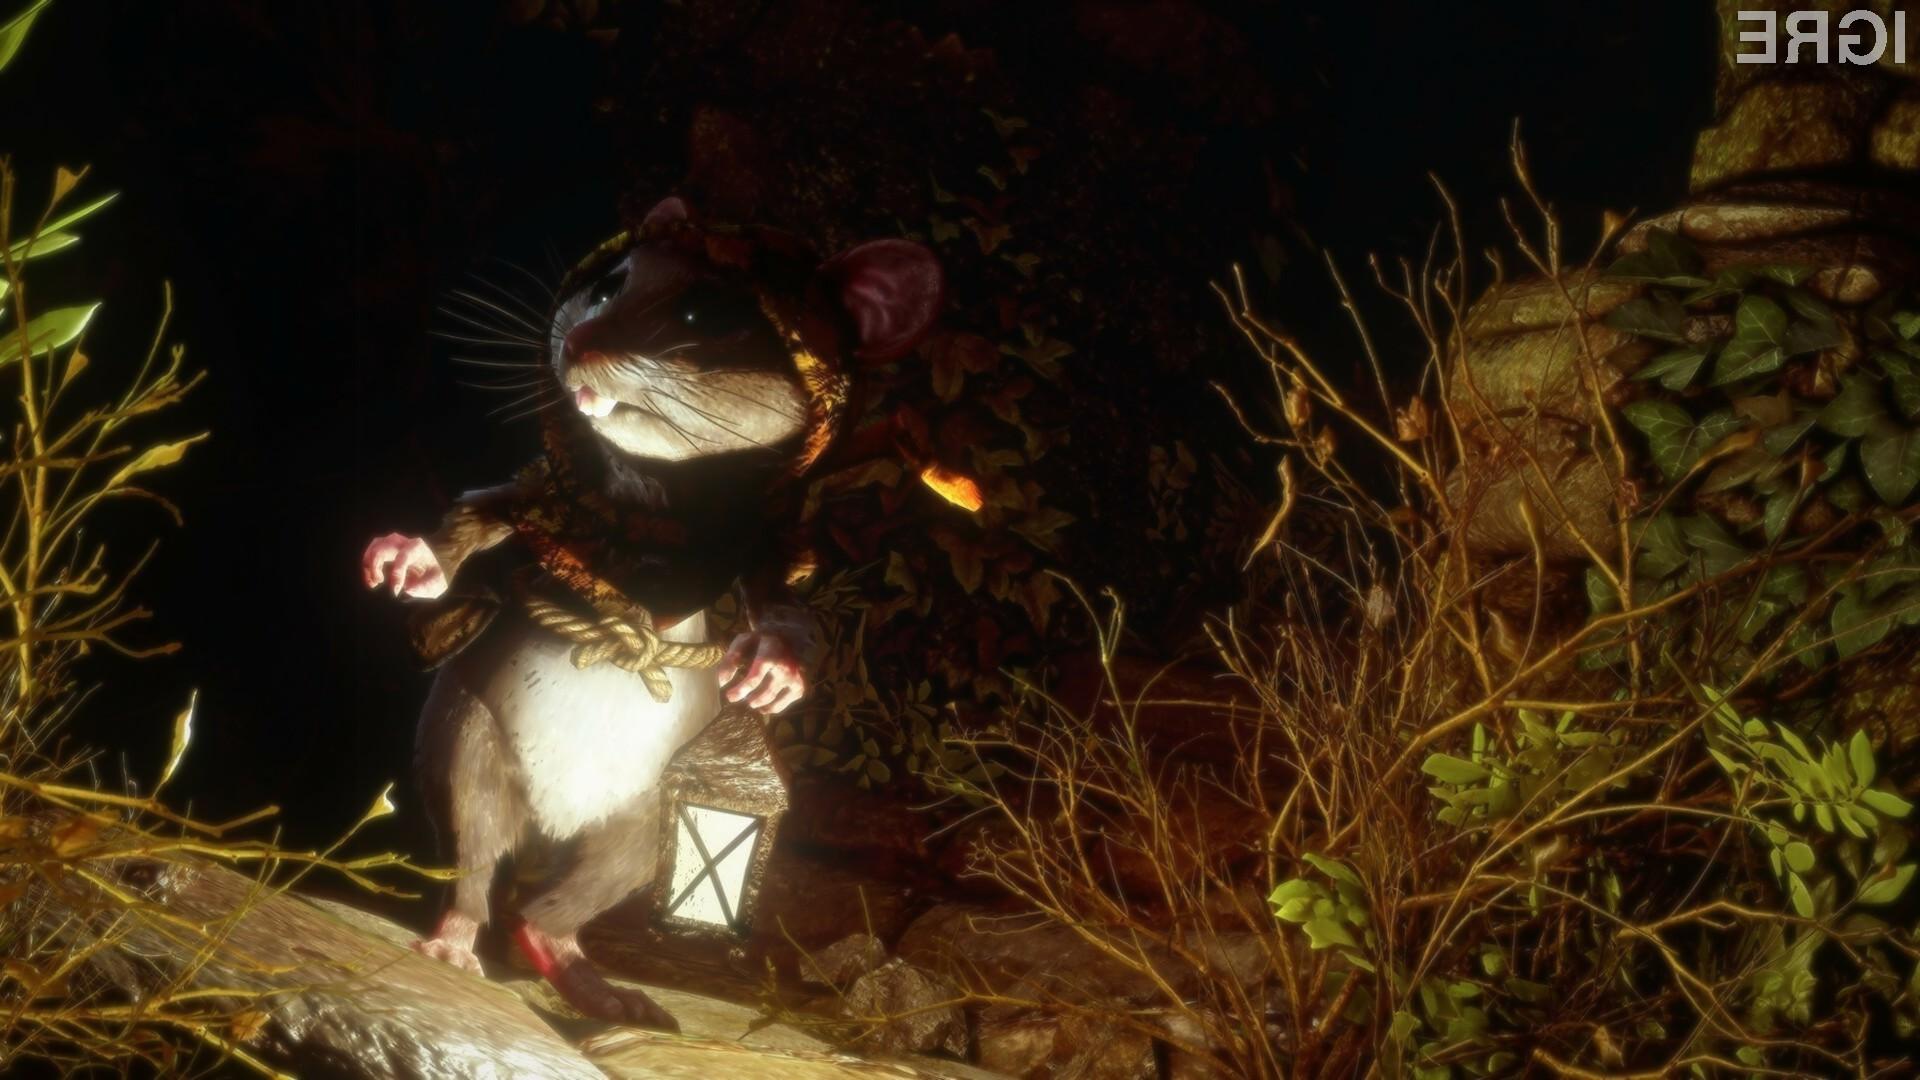 Igra vsebuje menjavanje dneva in noči, ki vpliva na dejavnosti stranskih likov.